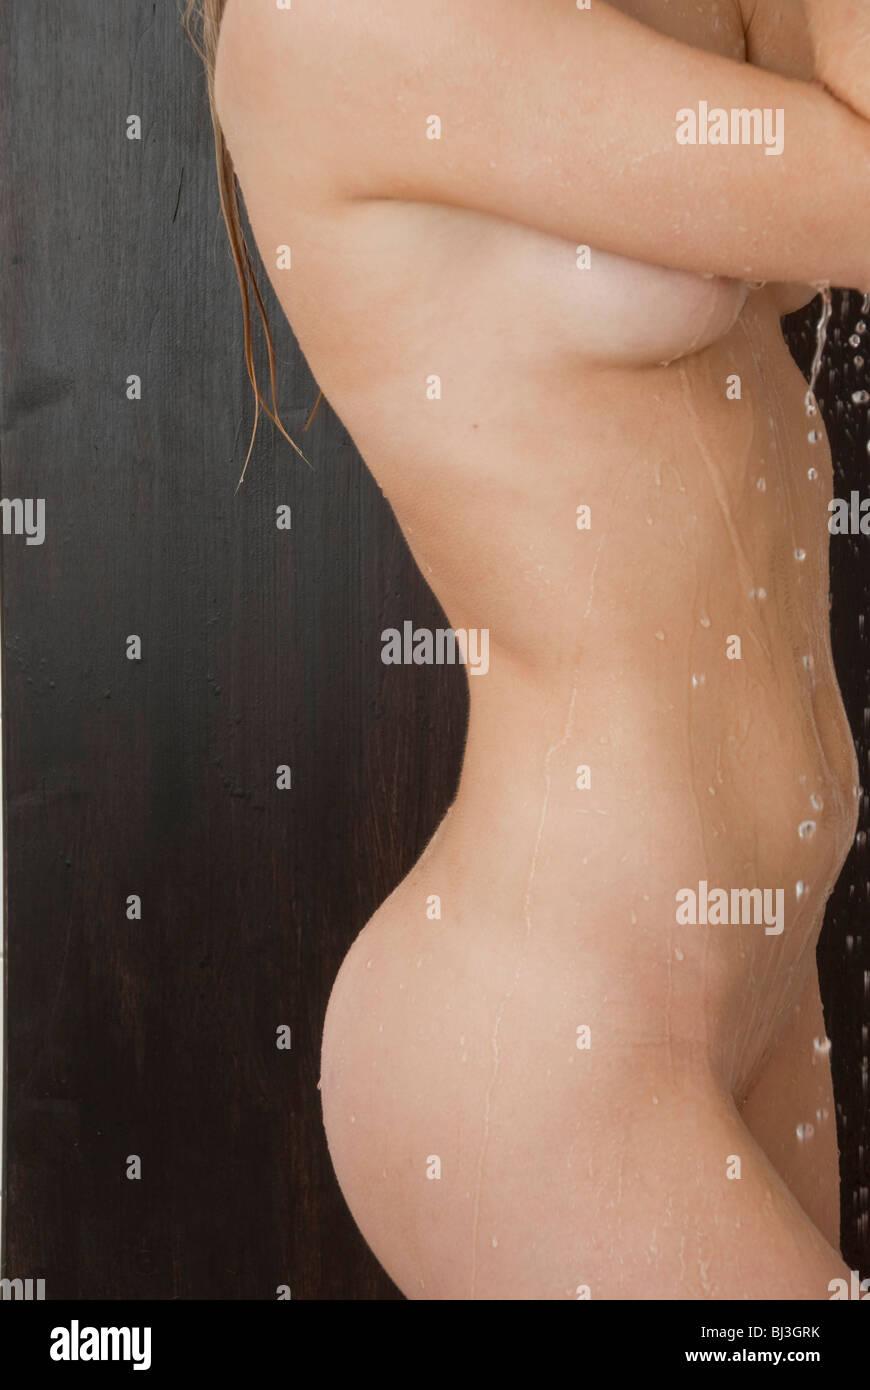 Gianna anale porno